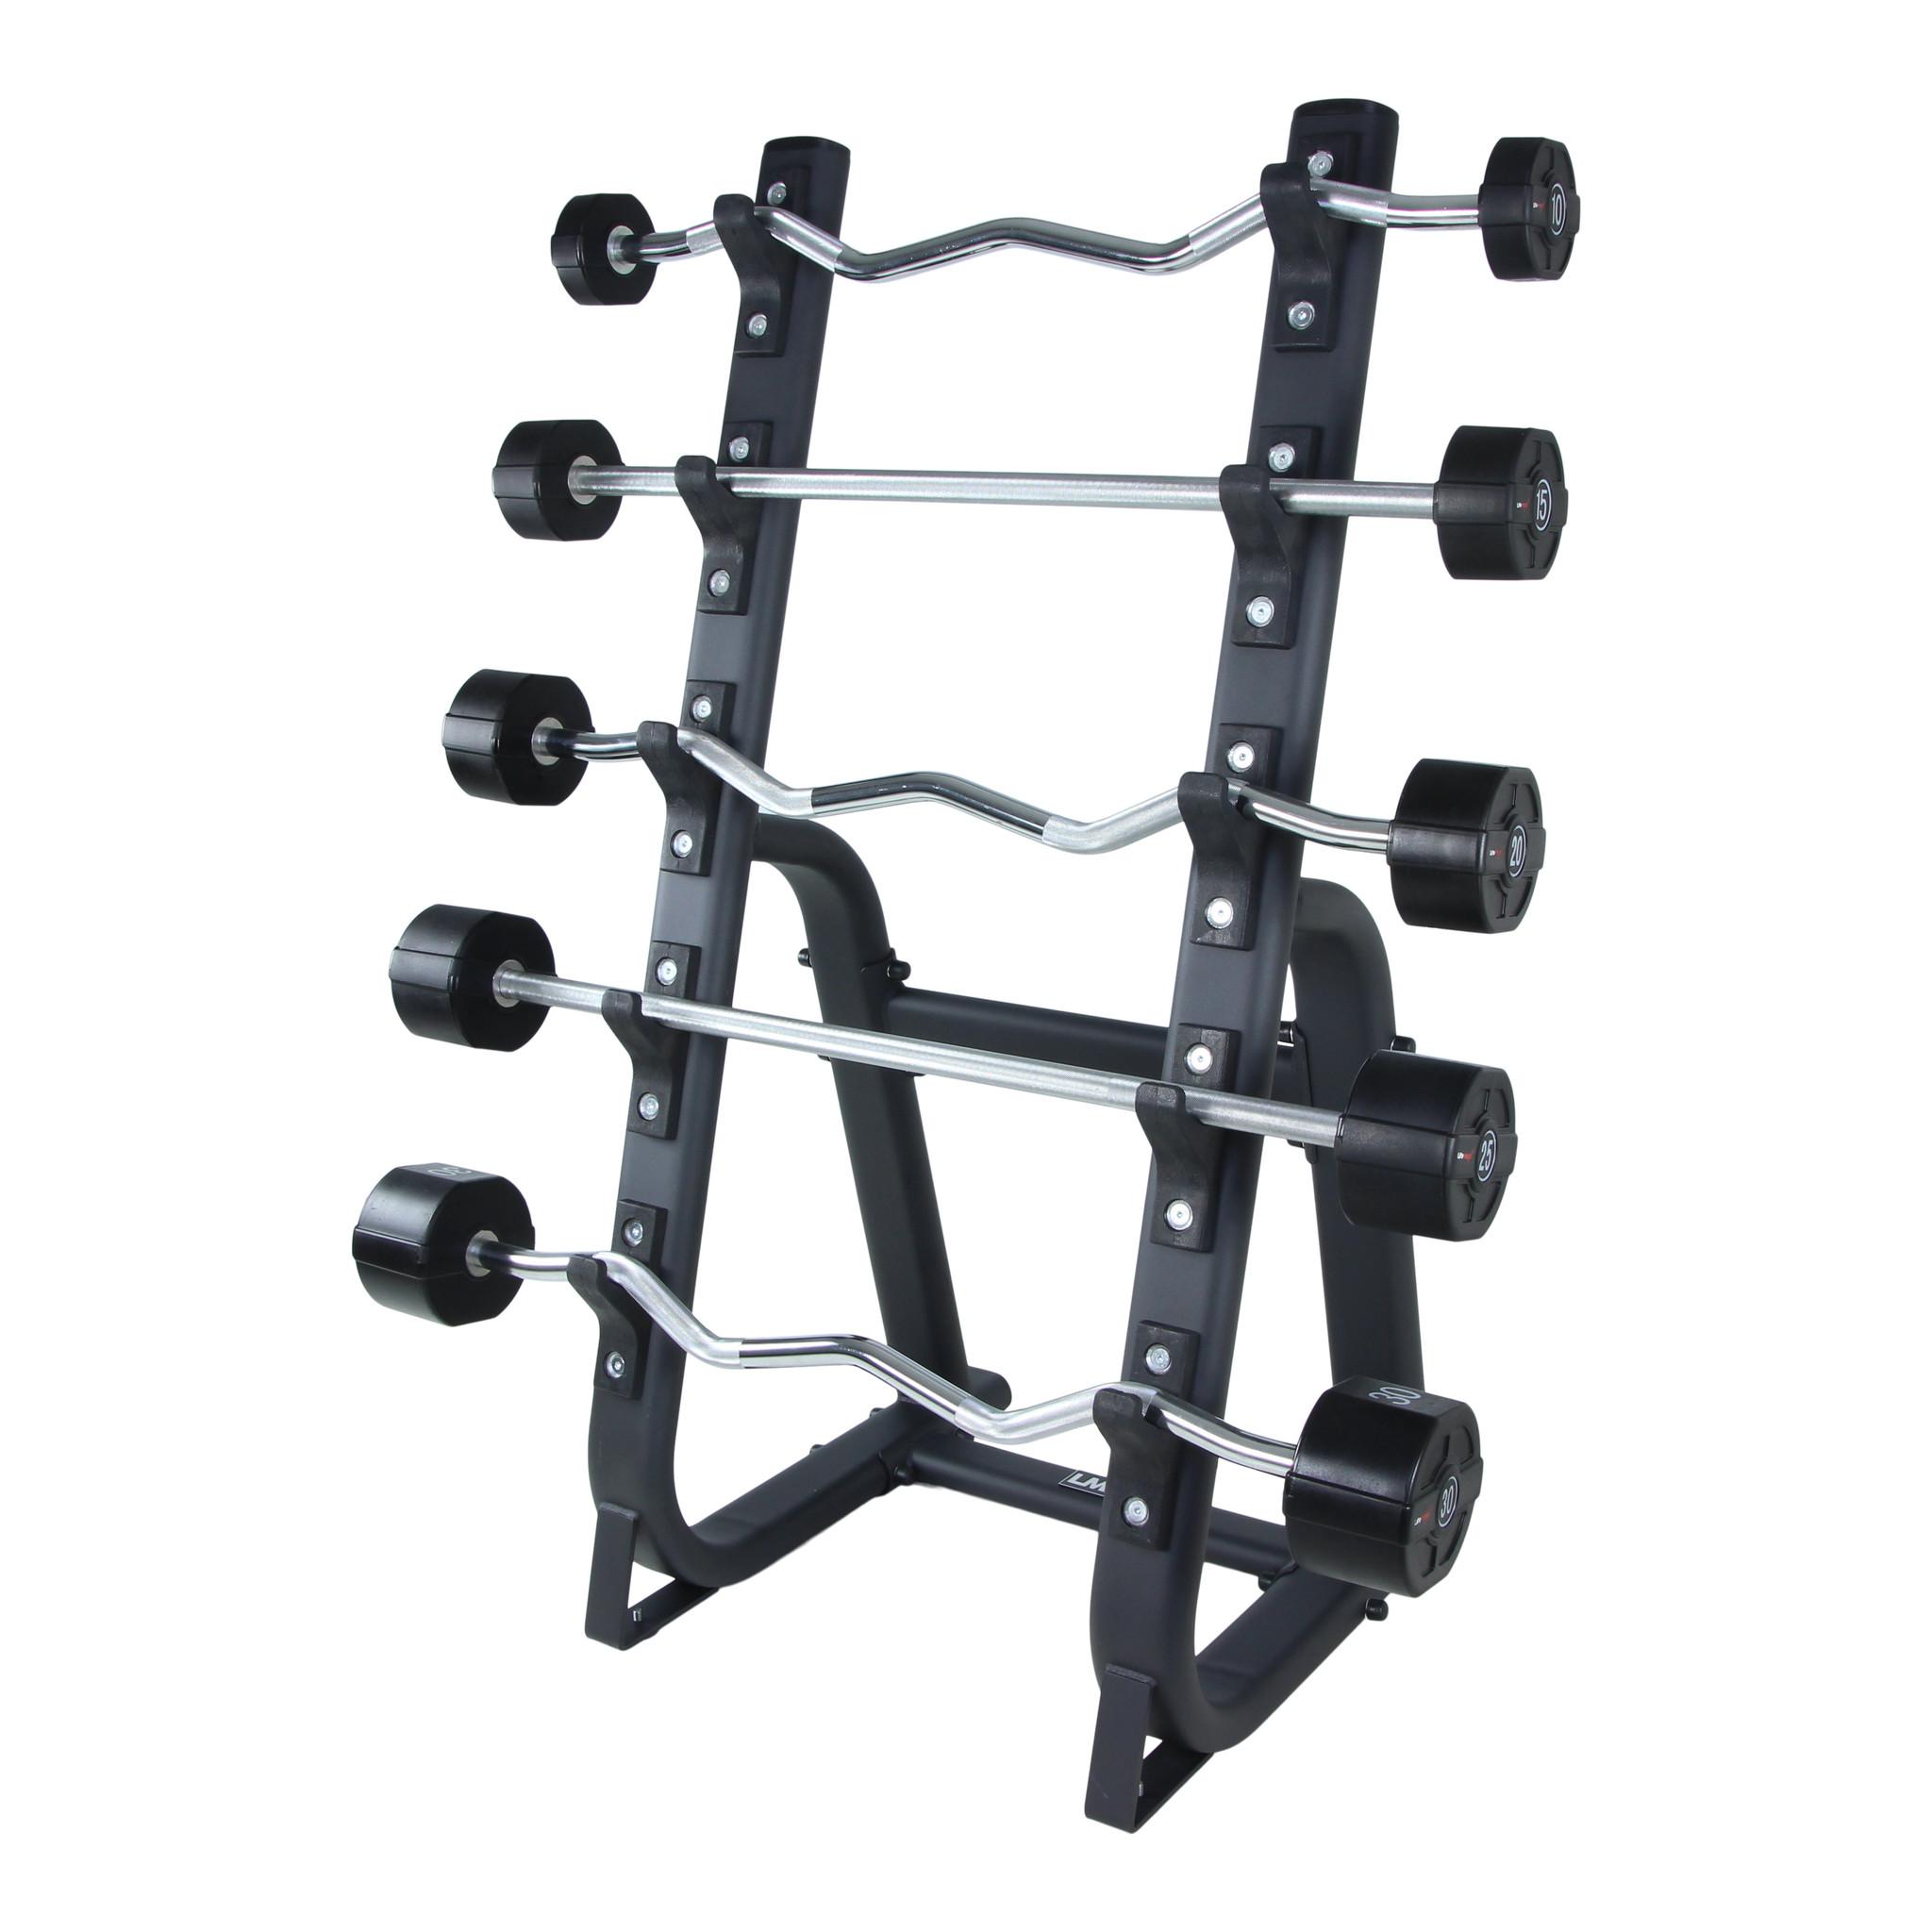 Lifemaxx® LMX74.E Lifemaxx PU EZ barbell (10 - 40kg)